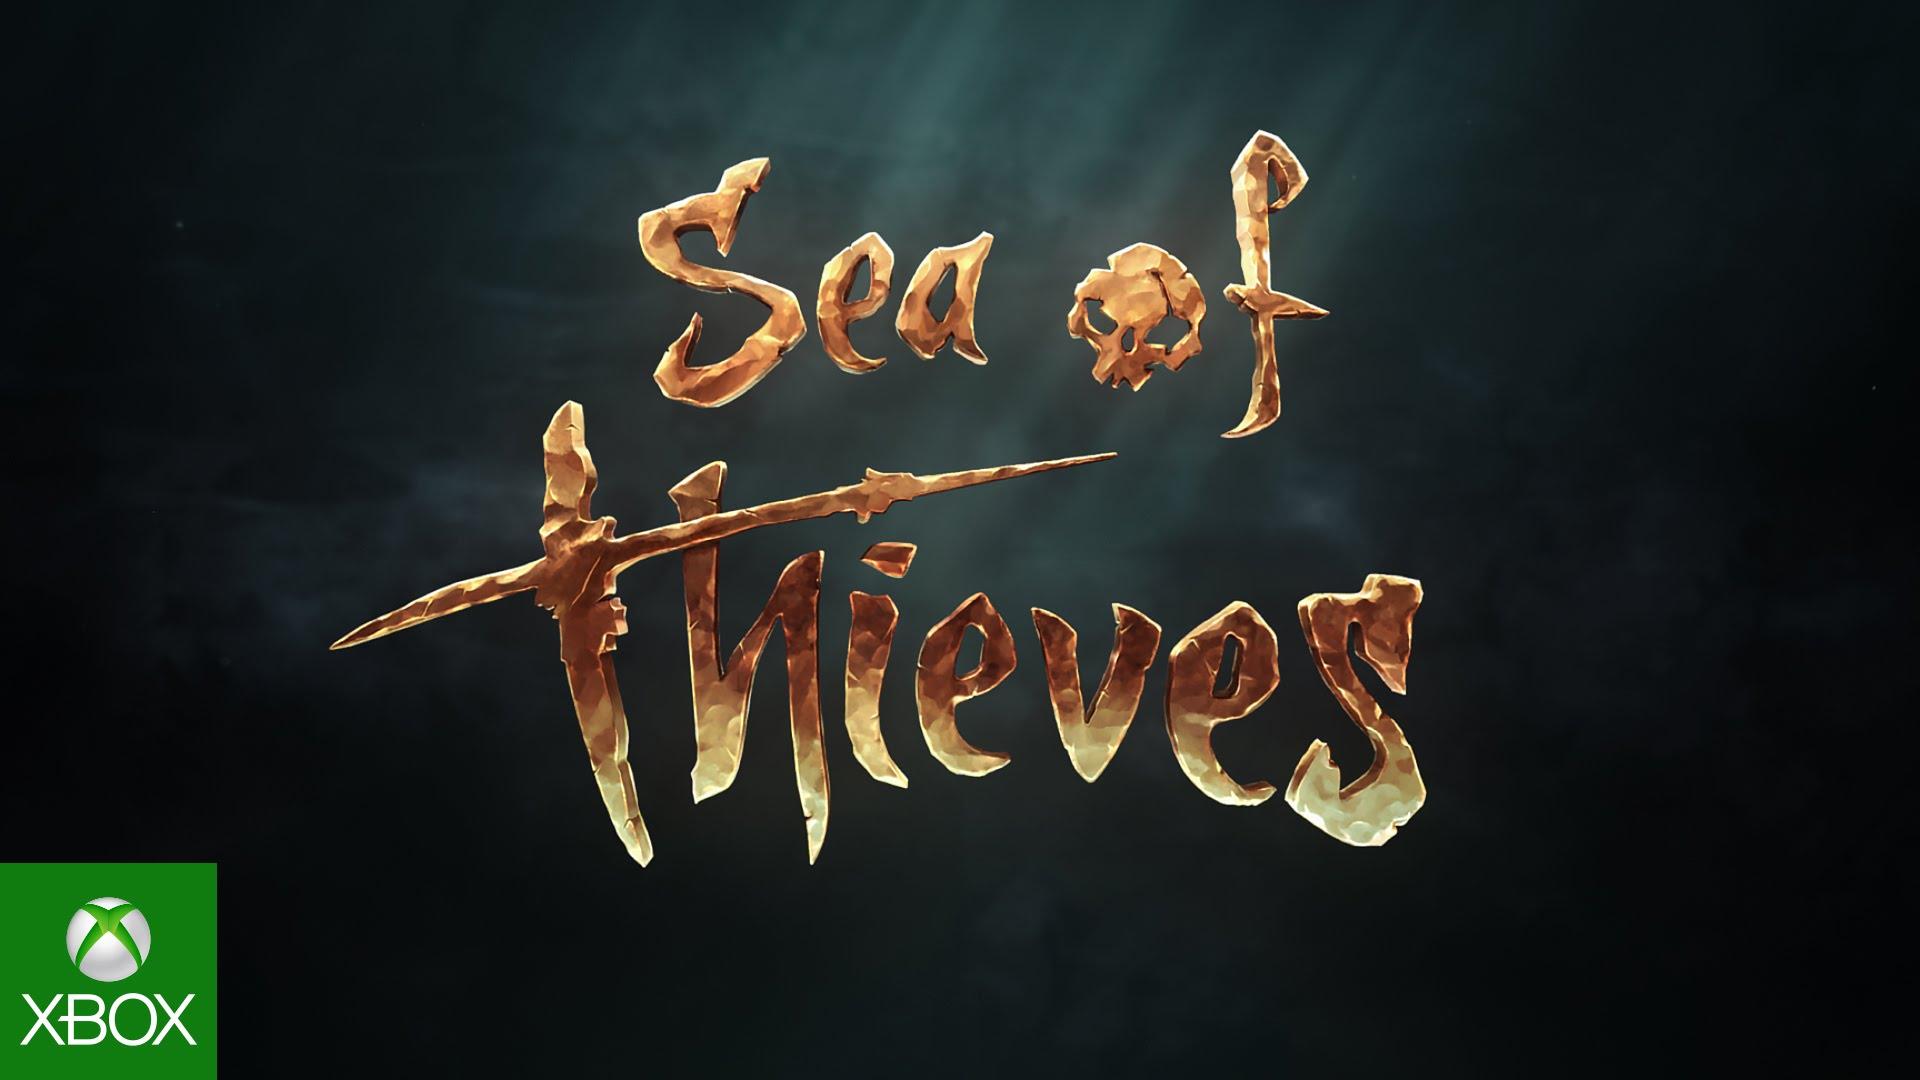 muerte sea of thieves